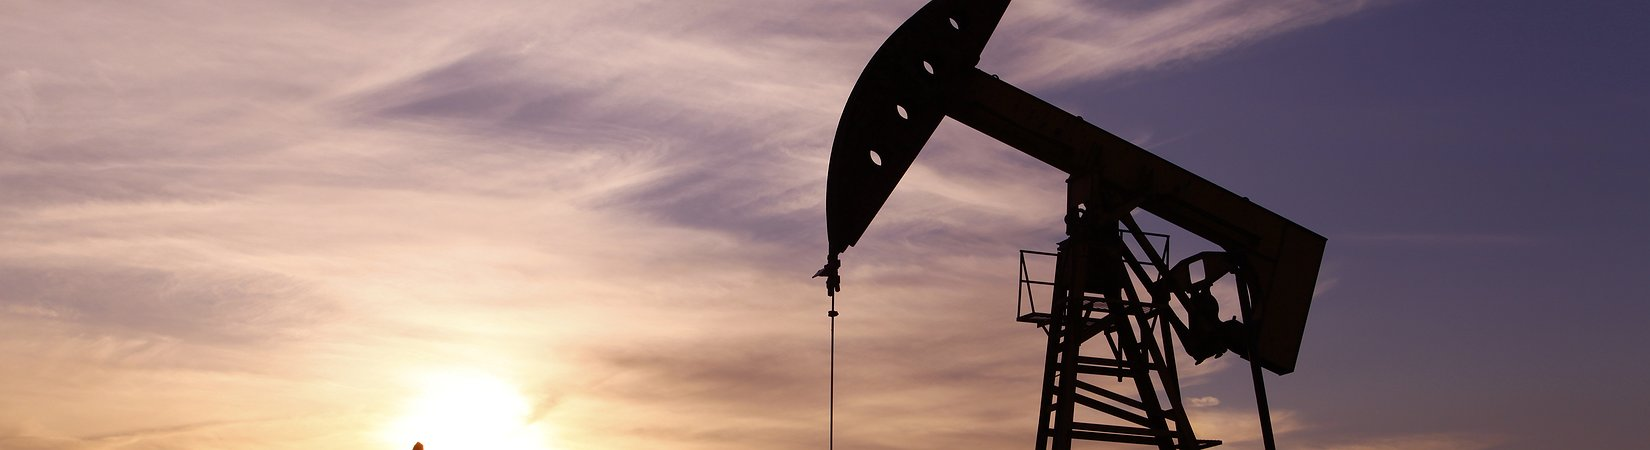 Goldman Sachs: El precio del petróleo caerá por debajo de los 40 $